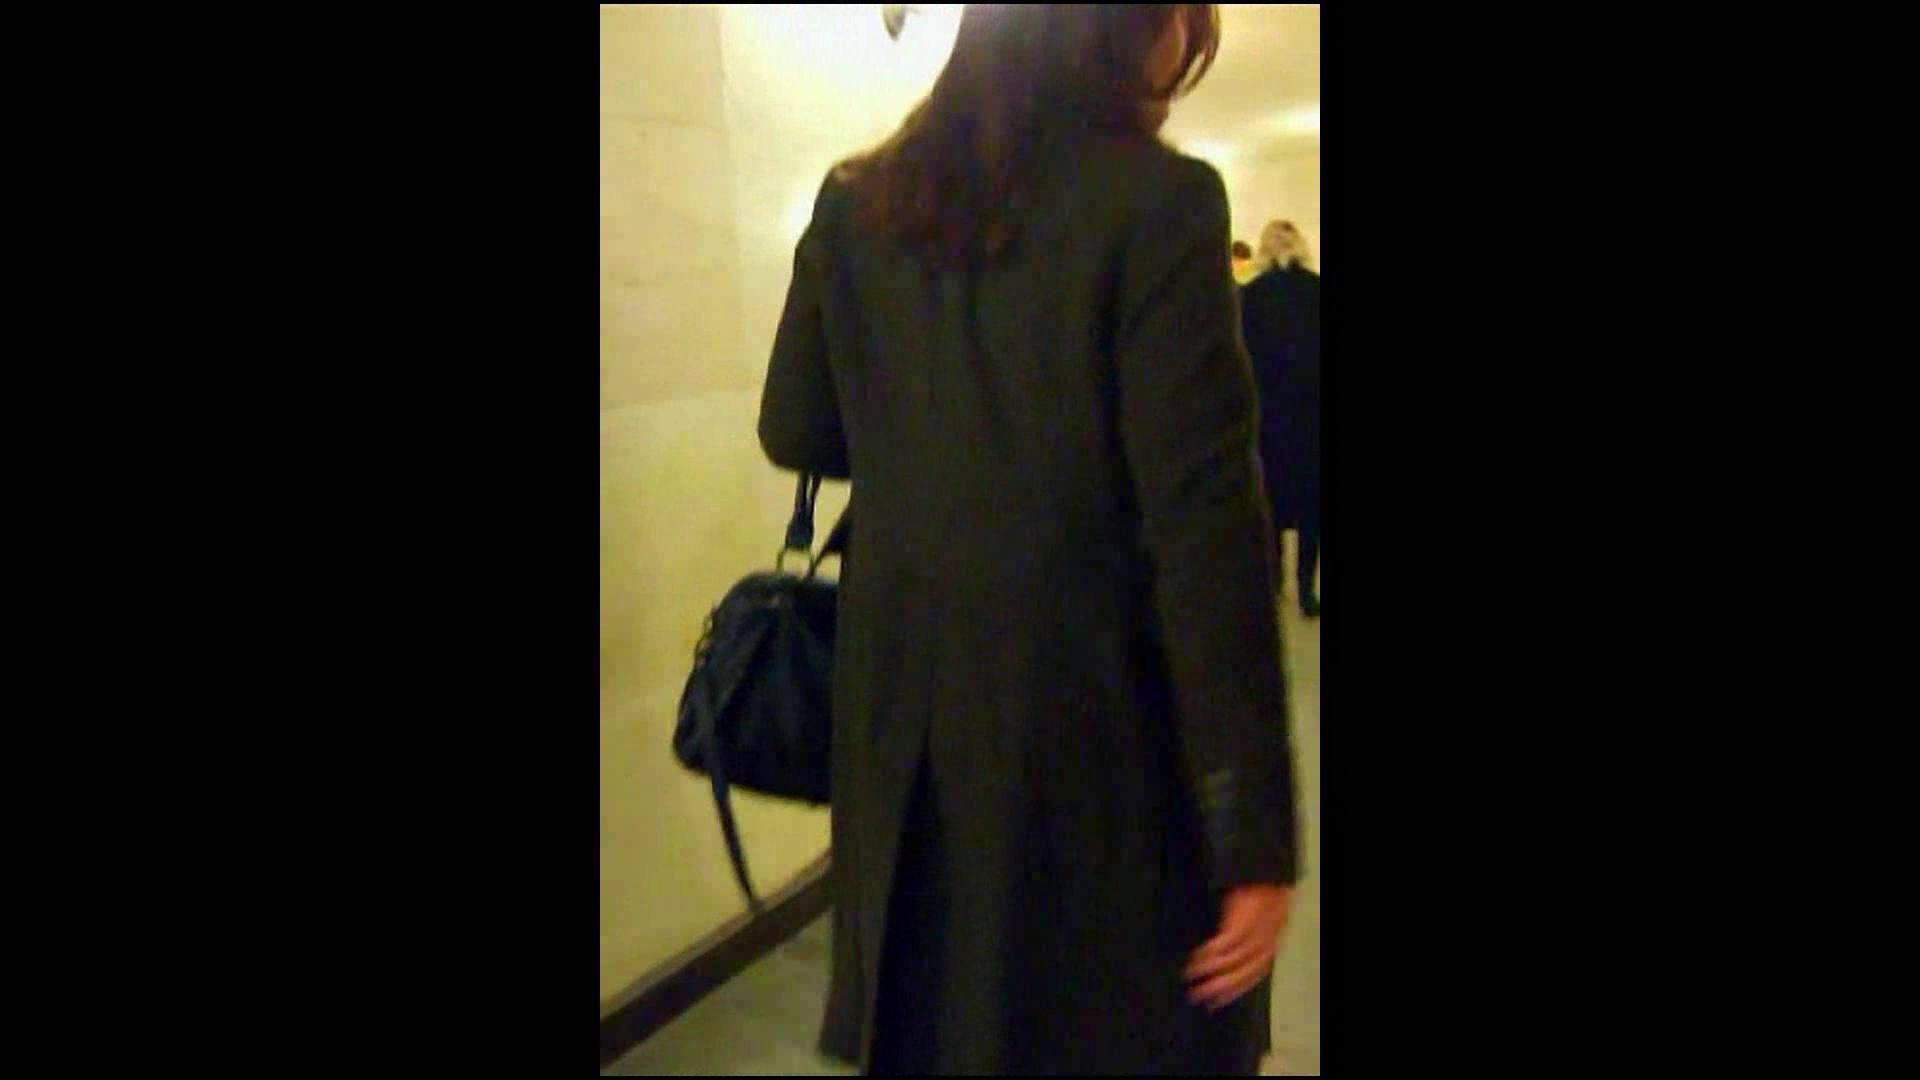 綺麗なモデルさんのスカート捲っちゃおう‼vol05 OLセックス  59画像 38